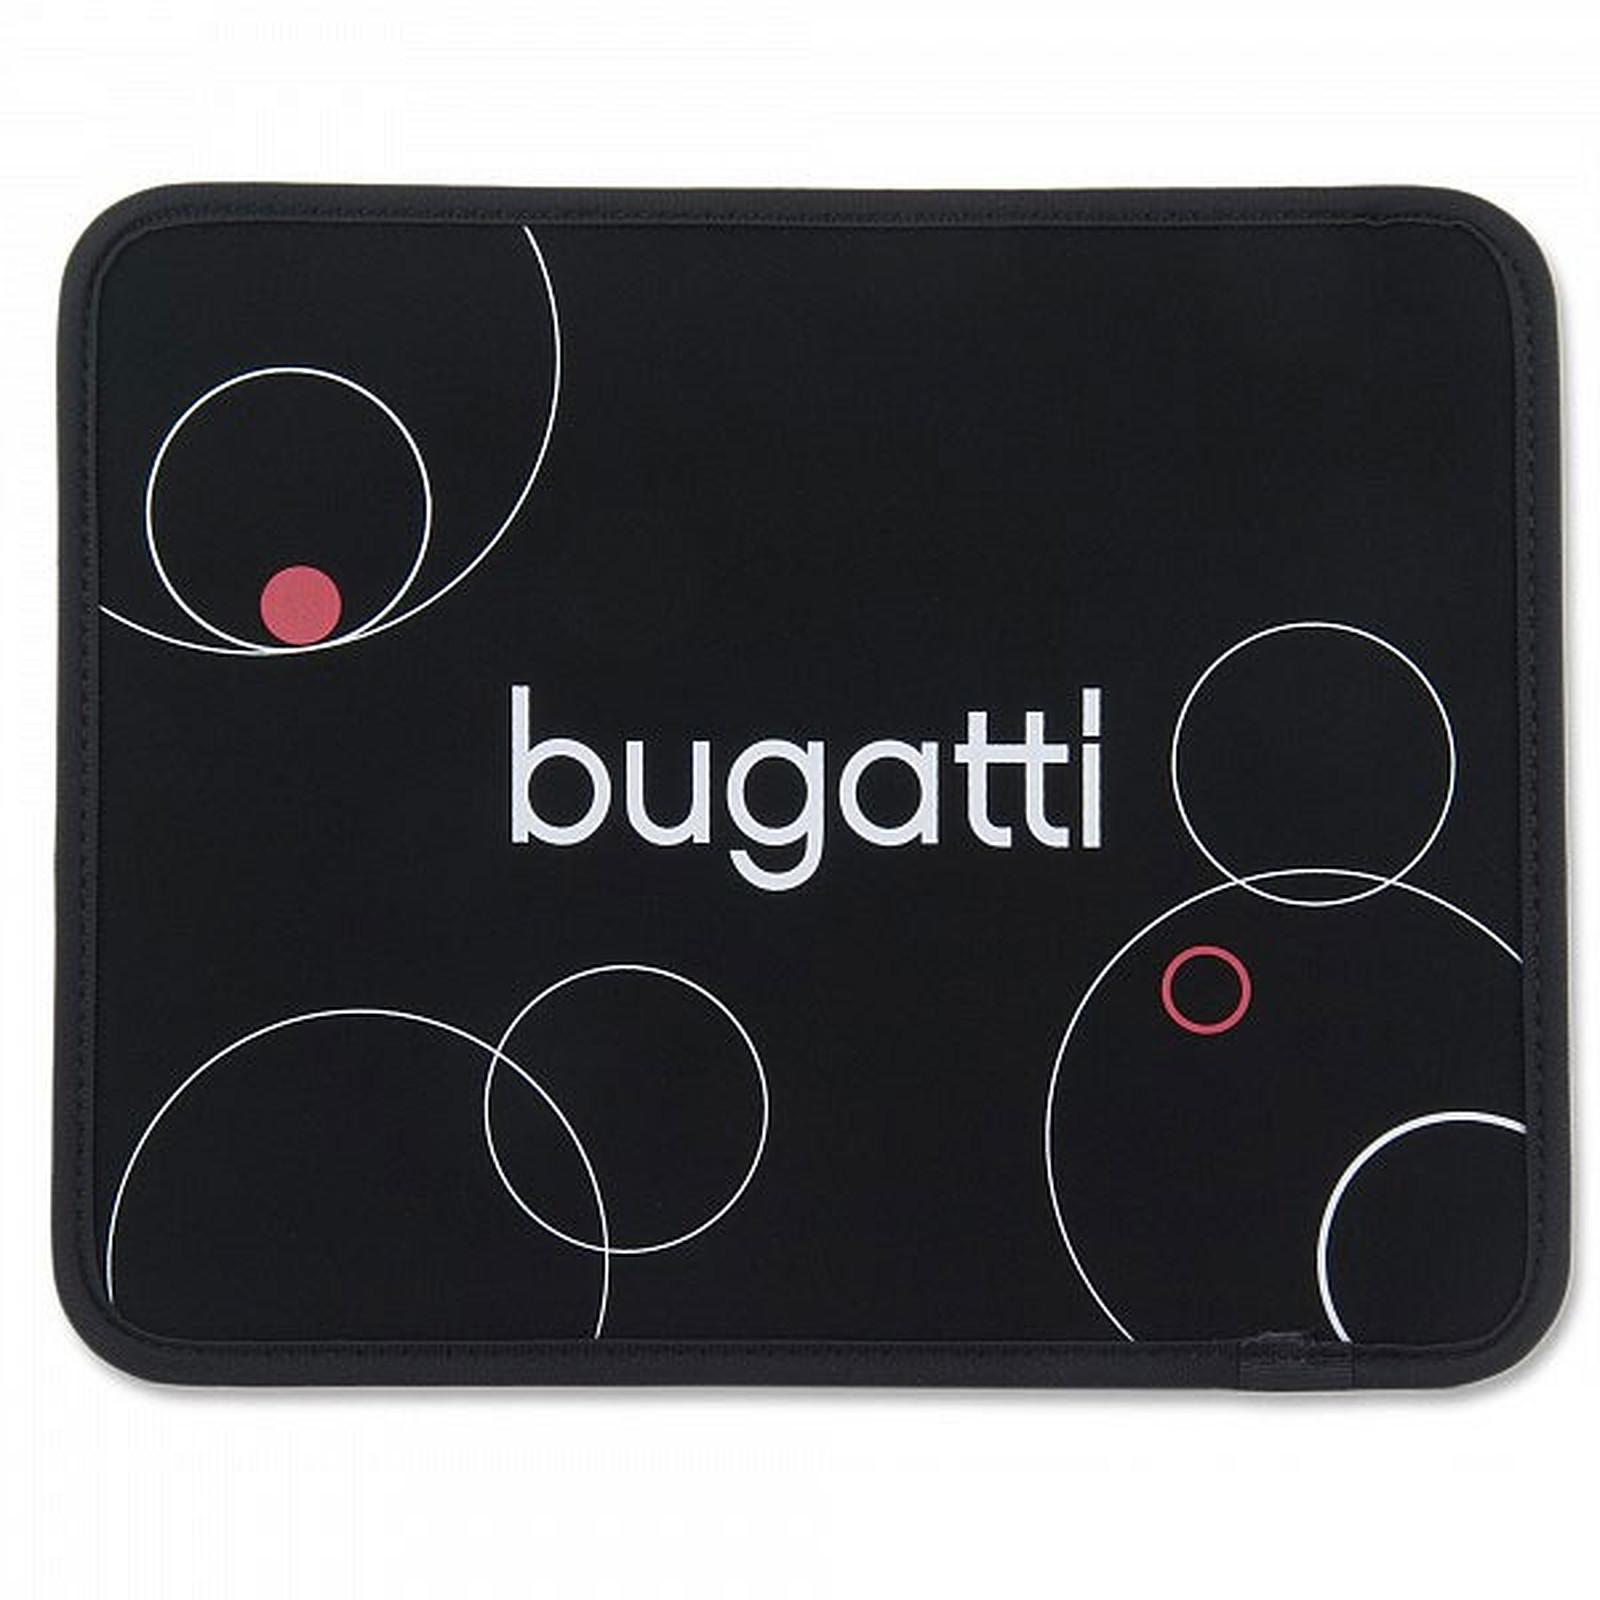 Bugatti iPad SlimCase Graffiti